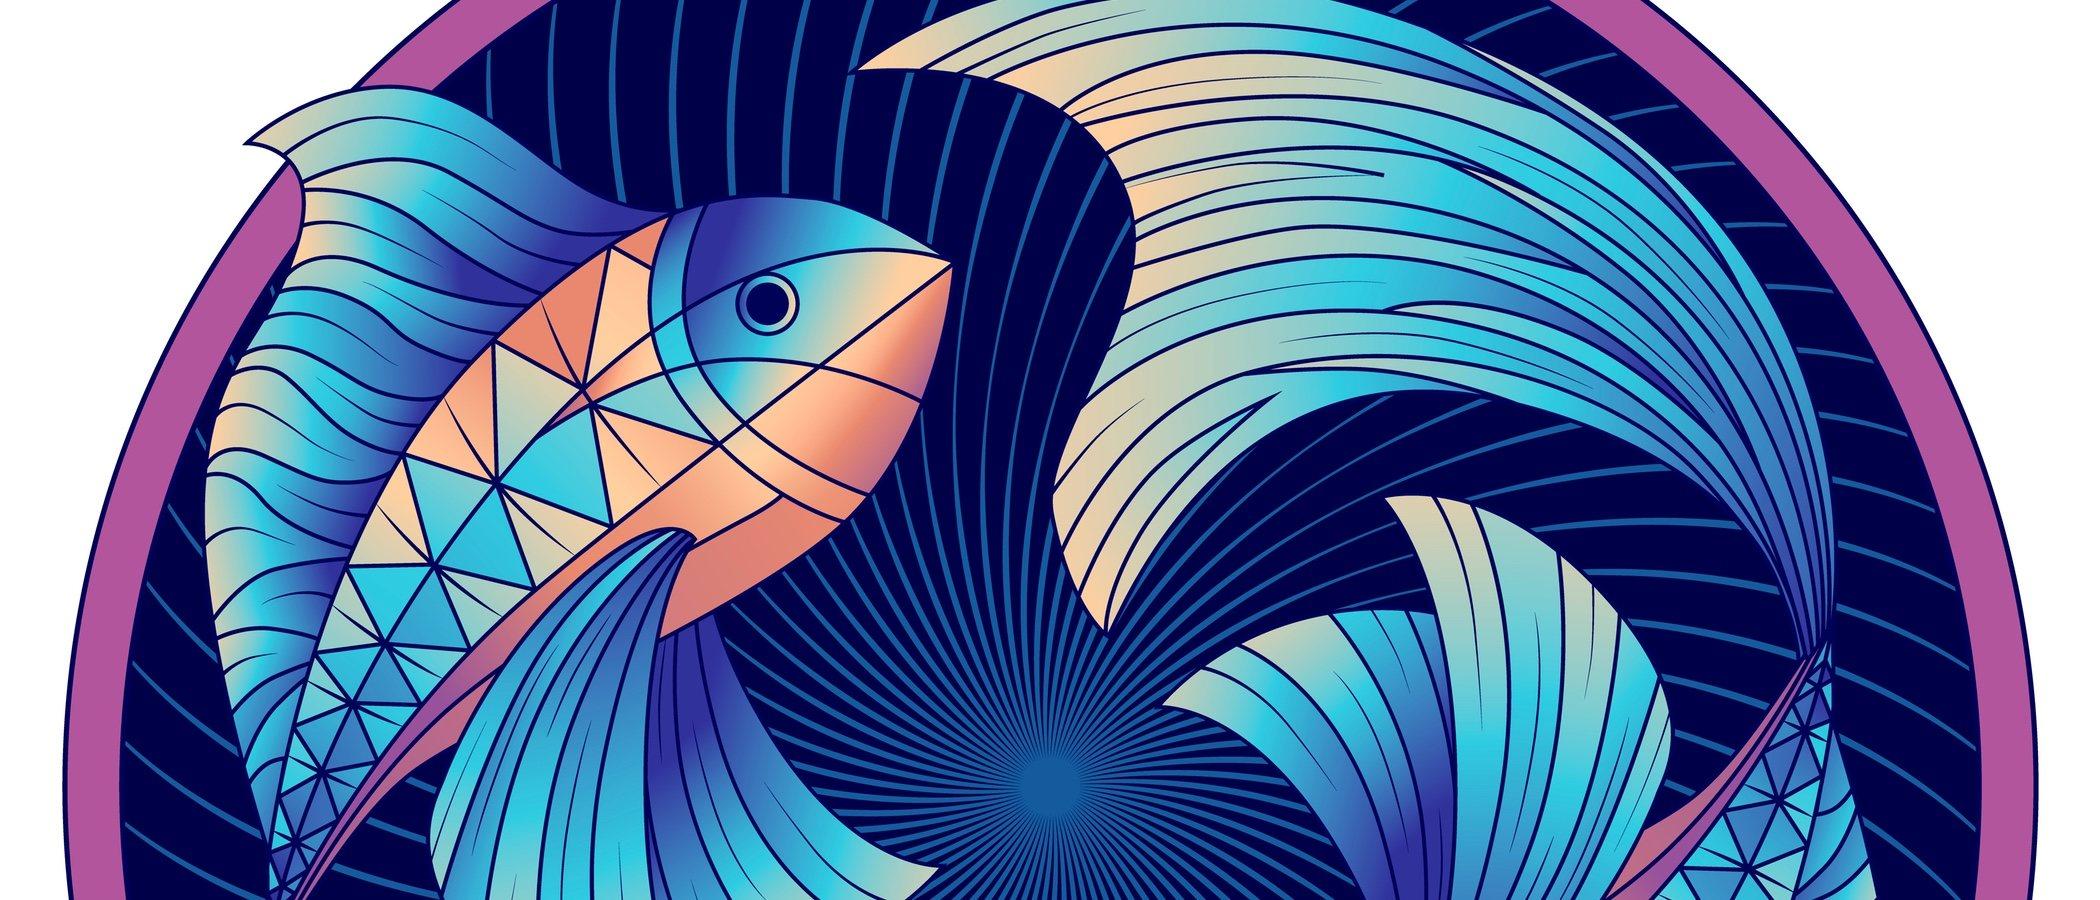 Horóscopo enero 2020: Piscis